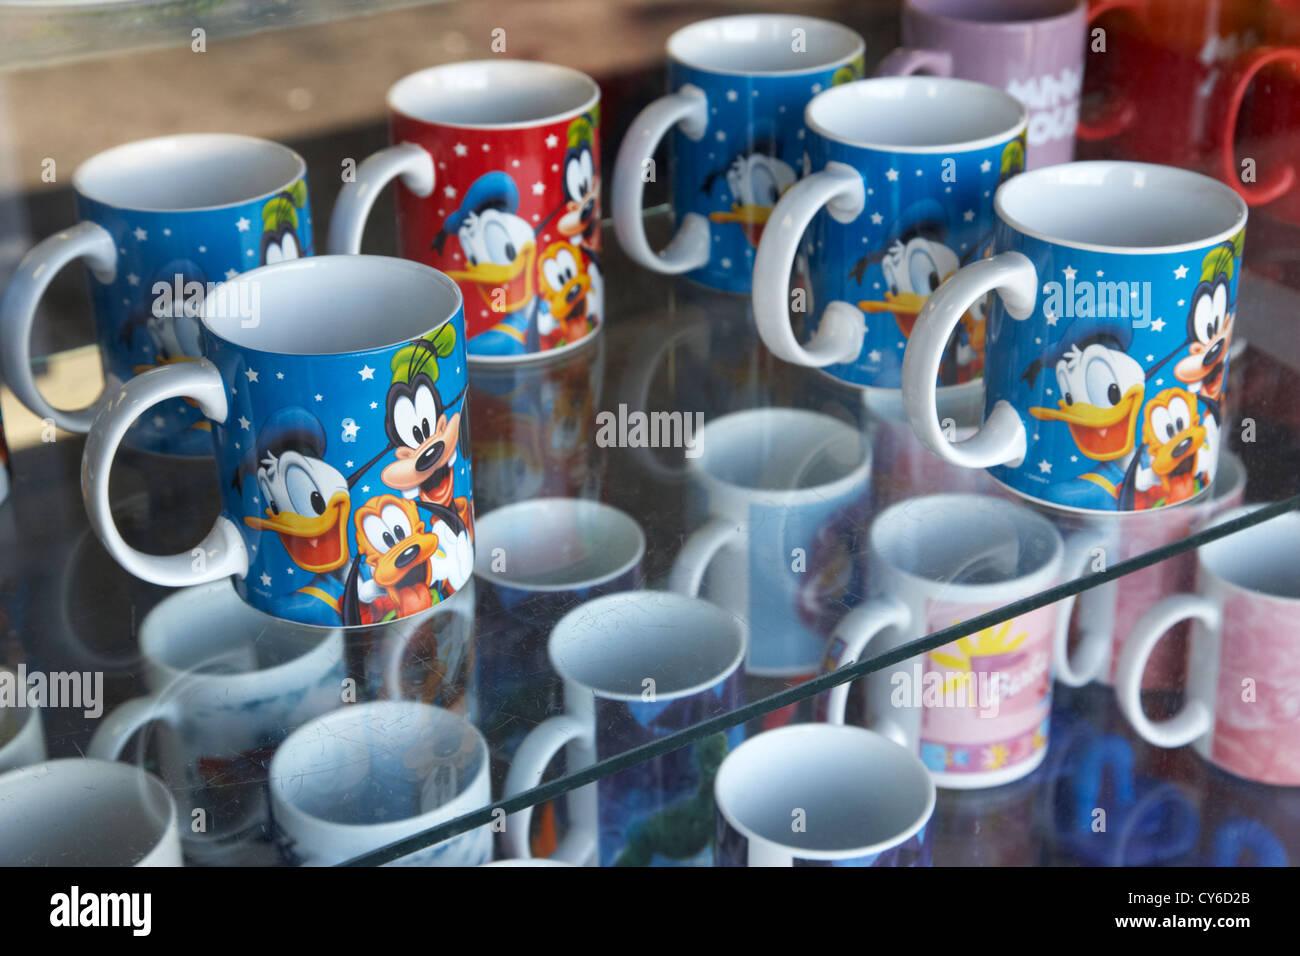 Disney-Charakter-Tassen für den Verkauf in einem Souvenir Shop Florida usa Stockbild